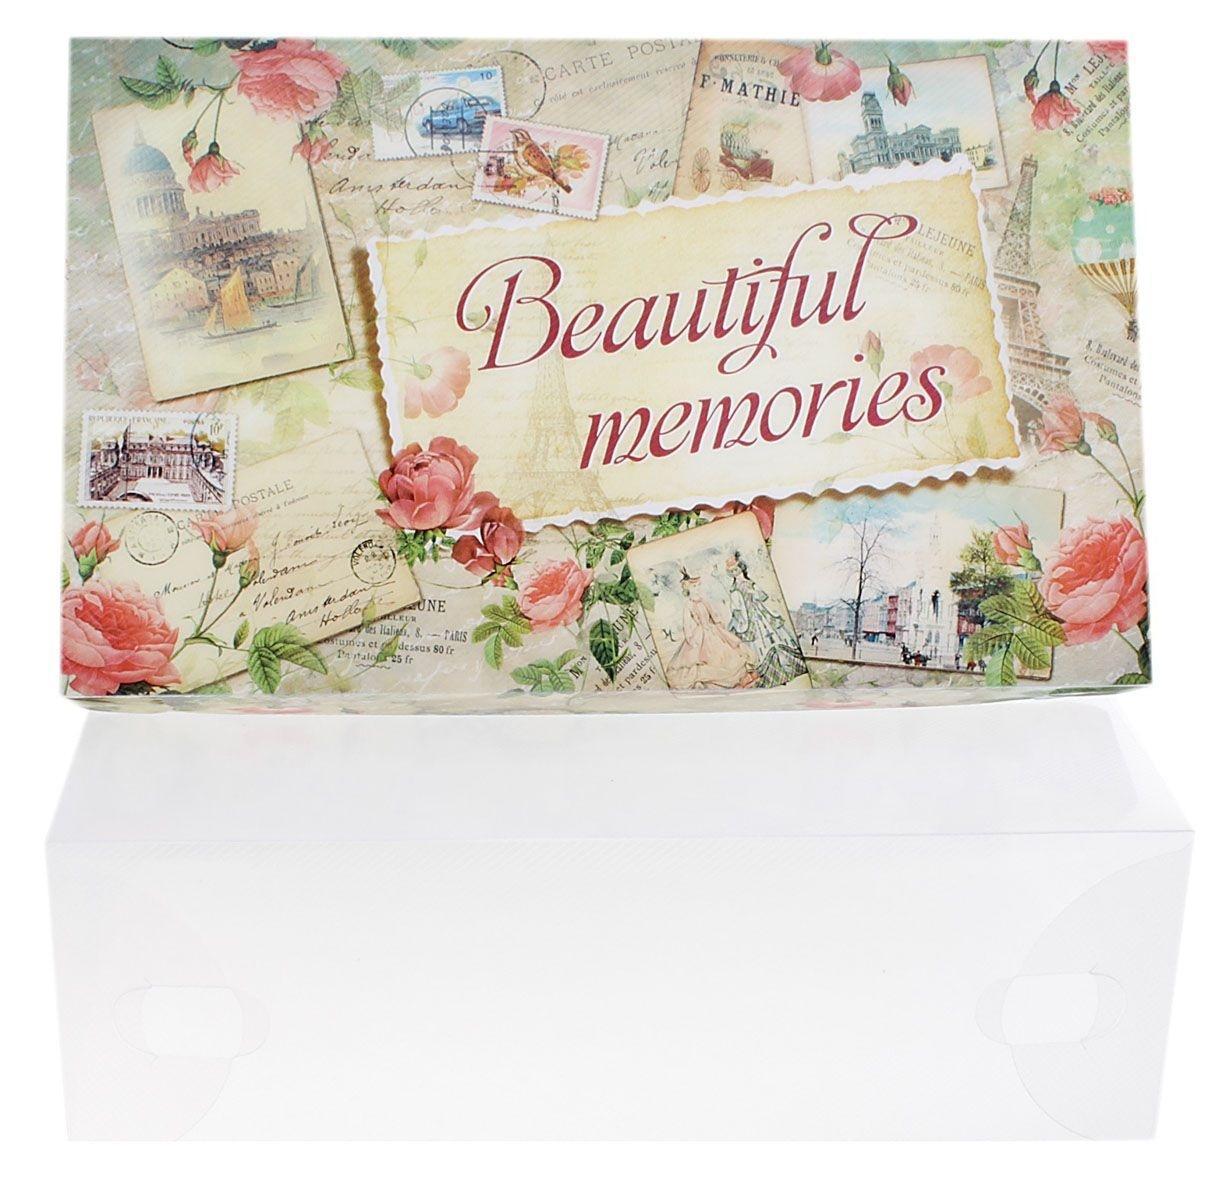 Коробка для хранения Sima-land Beautiful Memories, сборная, 30 см х 18,5 см х 9,5 см7706805Коробка для хранения Sima-land Beautiful Memories изготовлена из высококачественного прозрачного пластика. Она поможет аккуратно хранить различные вещи, мелкие аксессуары и т.д. Коробка имеет пластиковую крышку, которая украшена изображениями марок и надписью Beautiful Memories. Изделие легко собирается и не занимает много места. Коробка для хранения - идеальное решение для аккуратного хранения ваших вещей и аксессуаров.